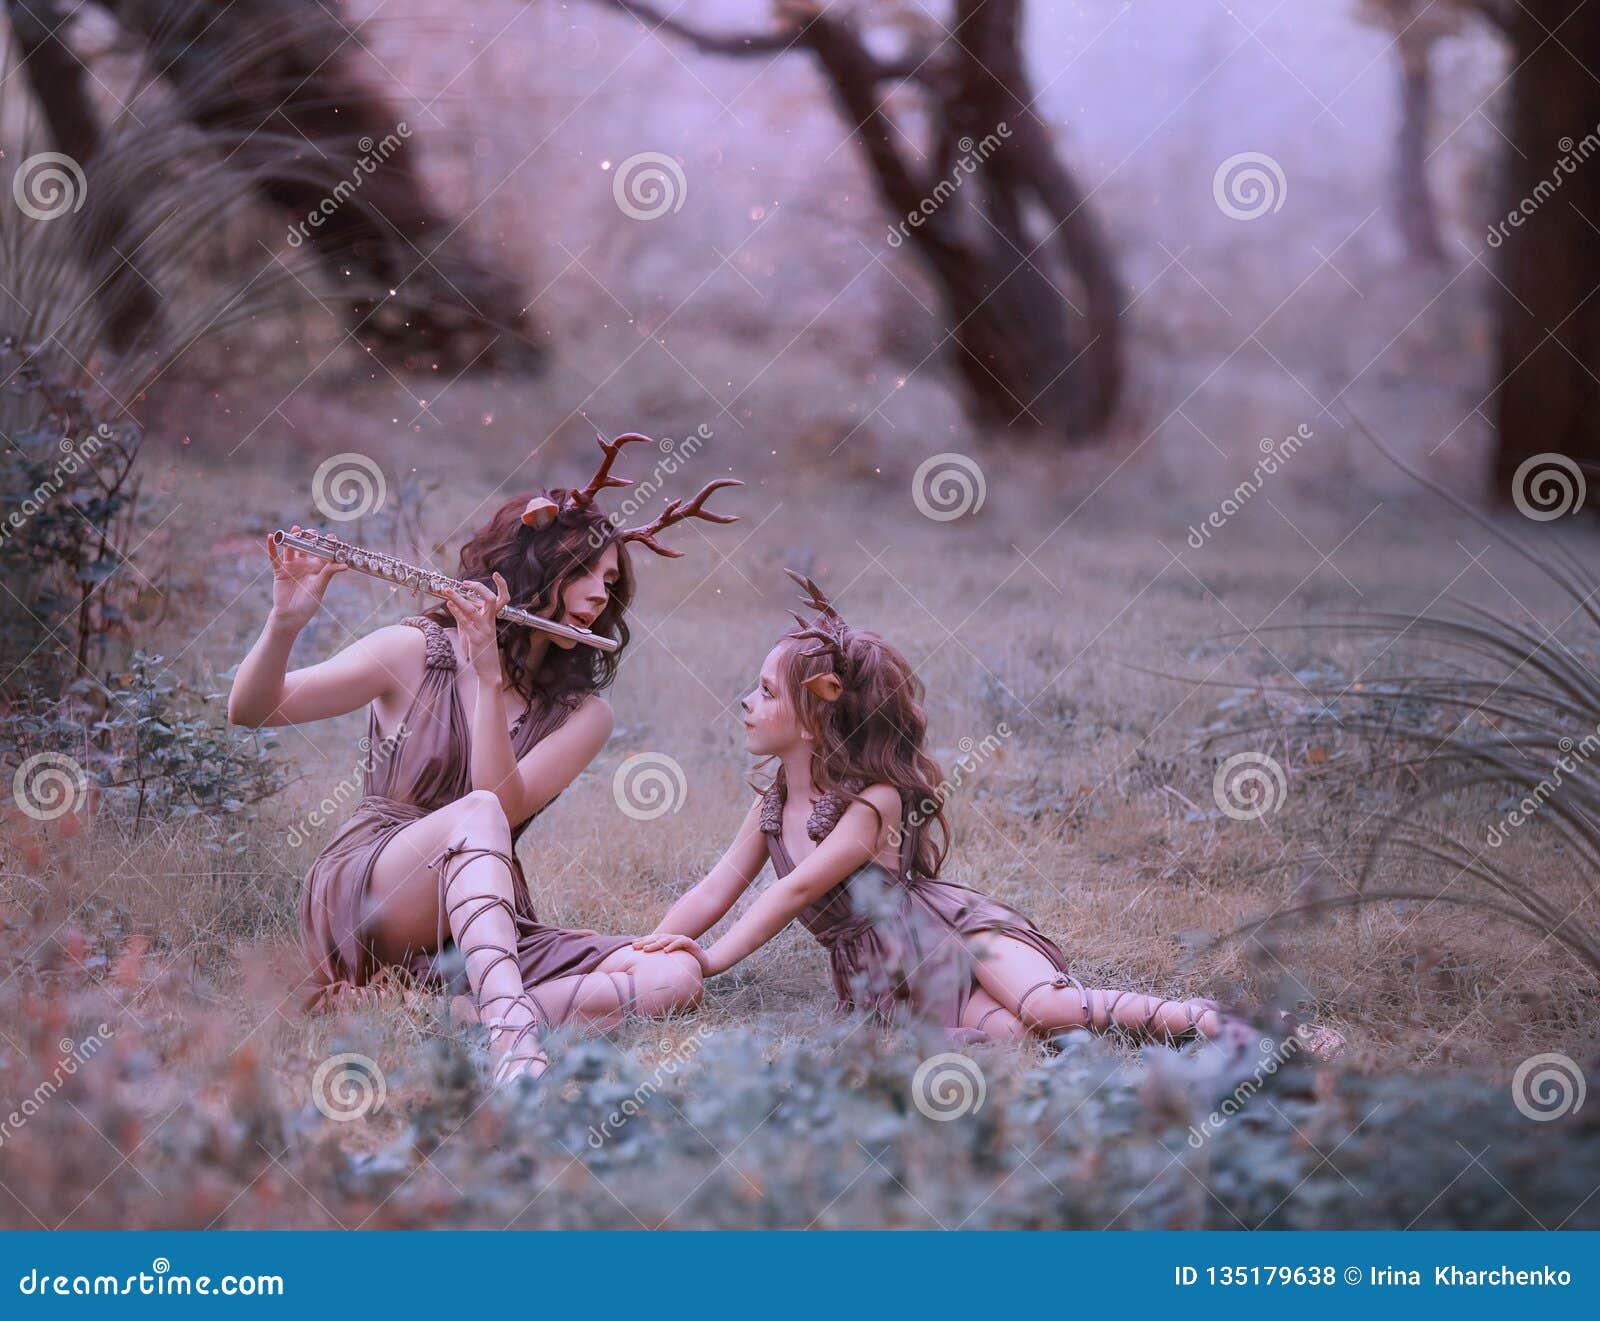 创造性的美妙的家庭射击,半人半兽状的神妈妈戏剧在她的孩子的长笛,童话字符鹿唱摇篮曲催眠长期